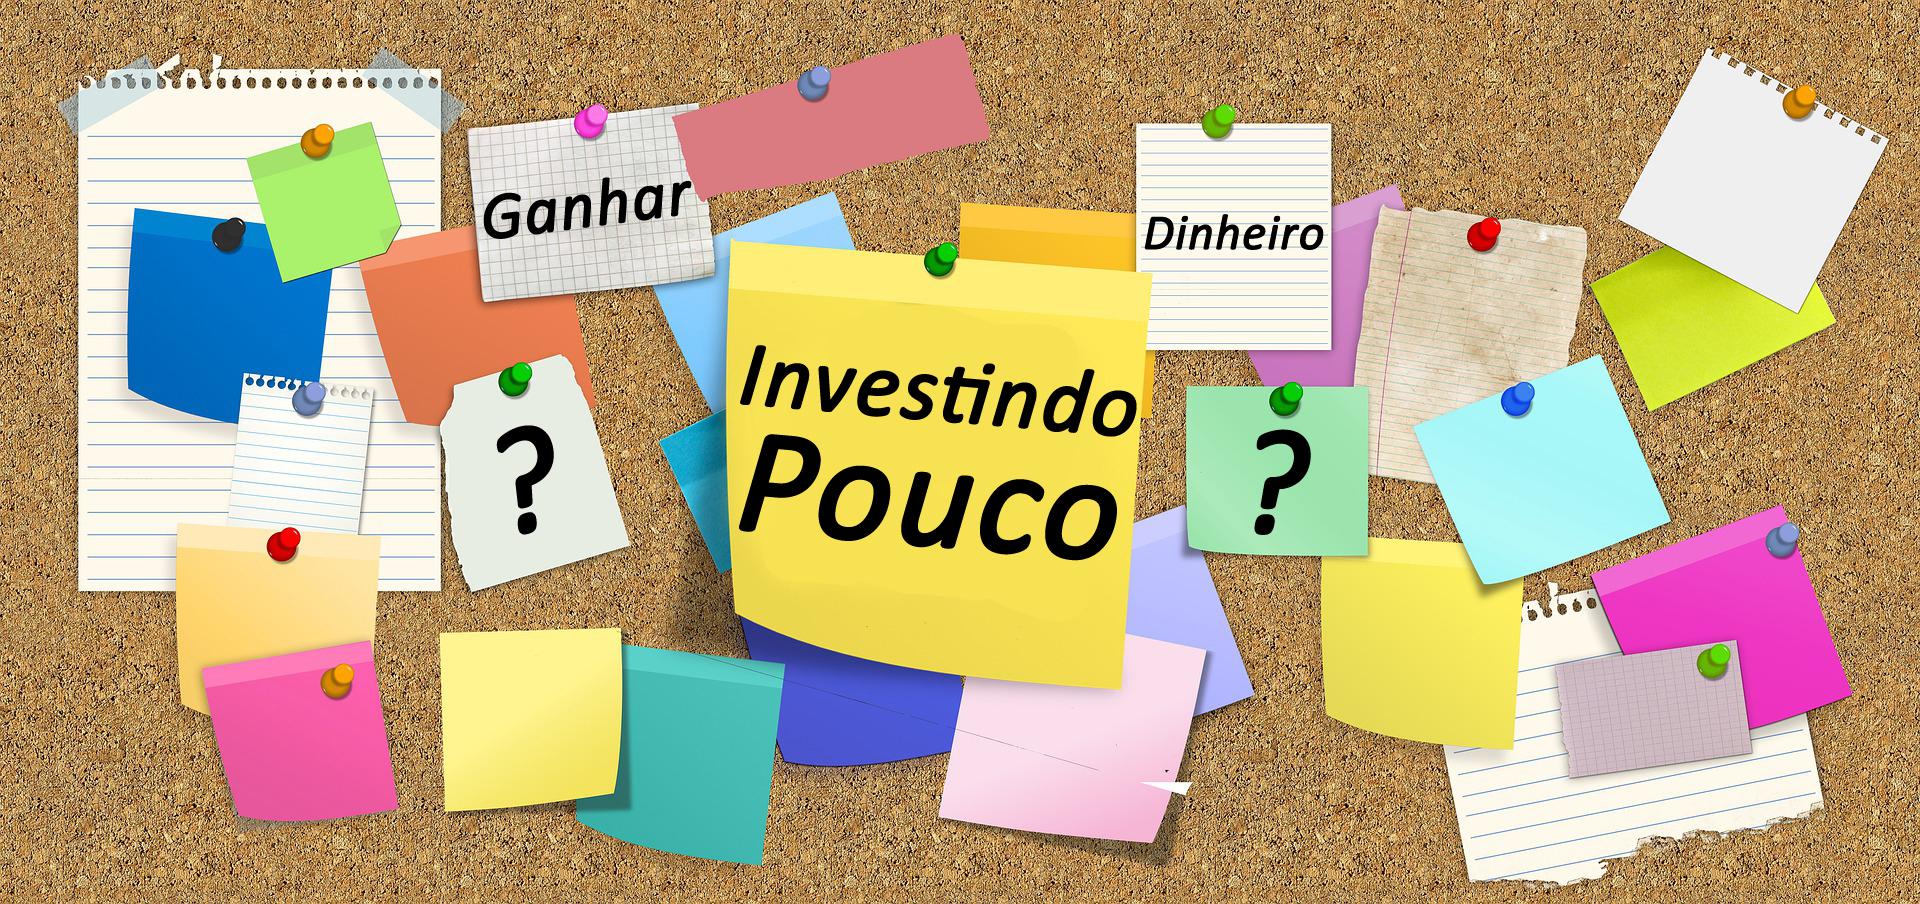 Ideias de Como Ganhar Dinheiro Investindo Pouco na Internet